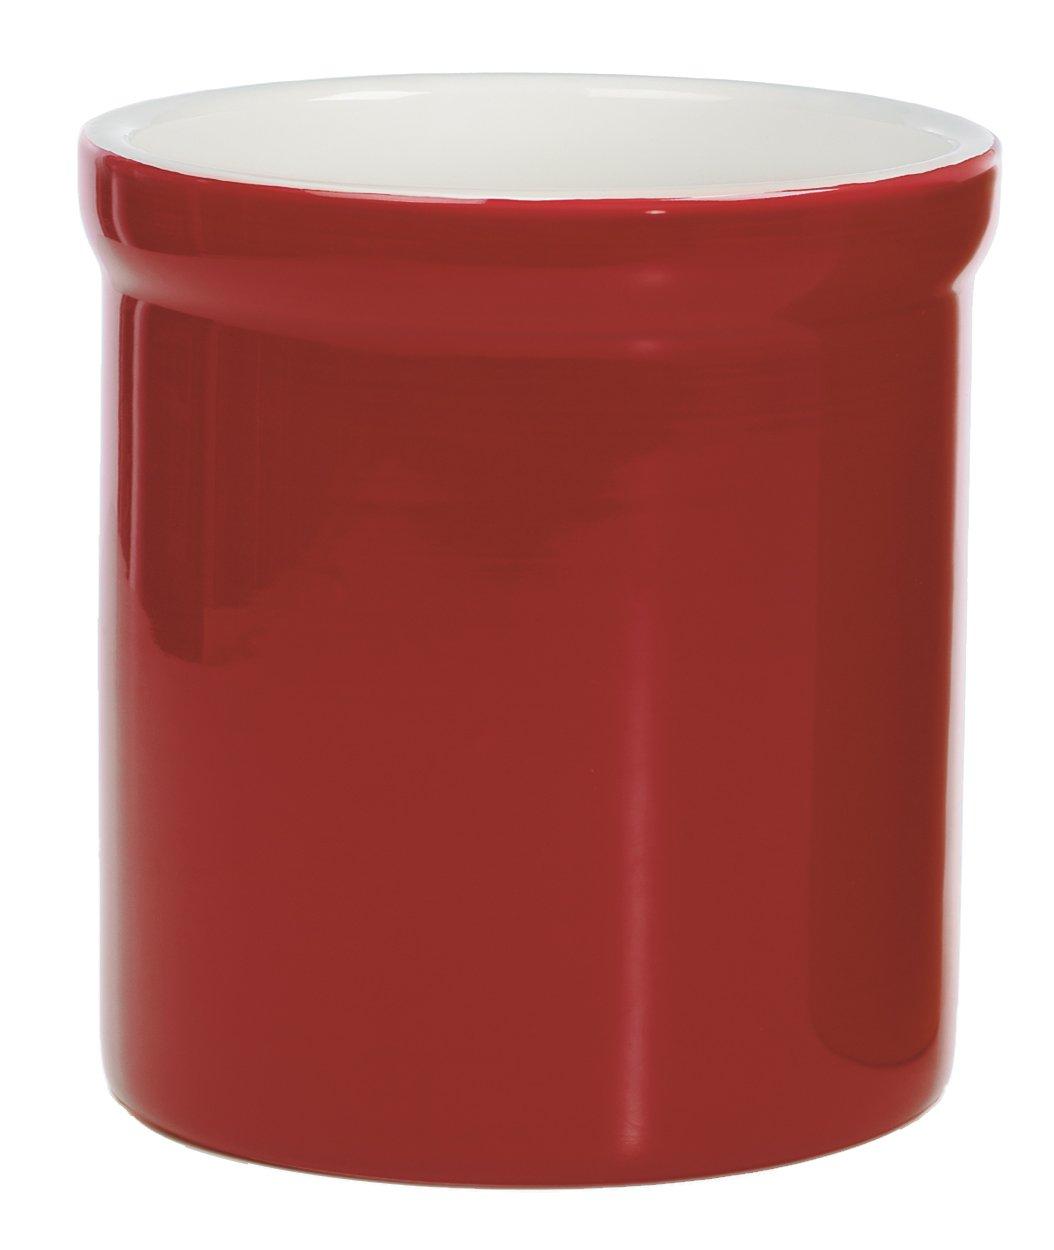 Progressive- Prepworks Ceramic Tool Crock - Utensil Kitchen Organizer - Red